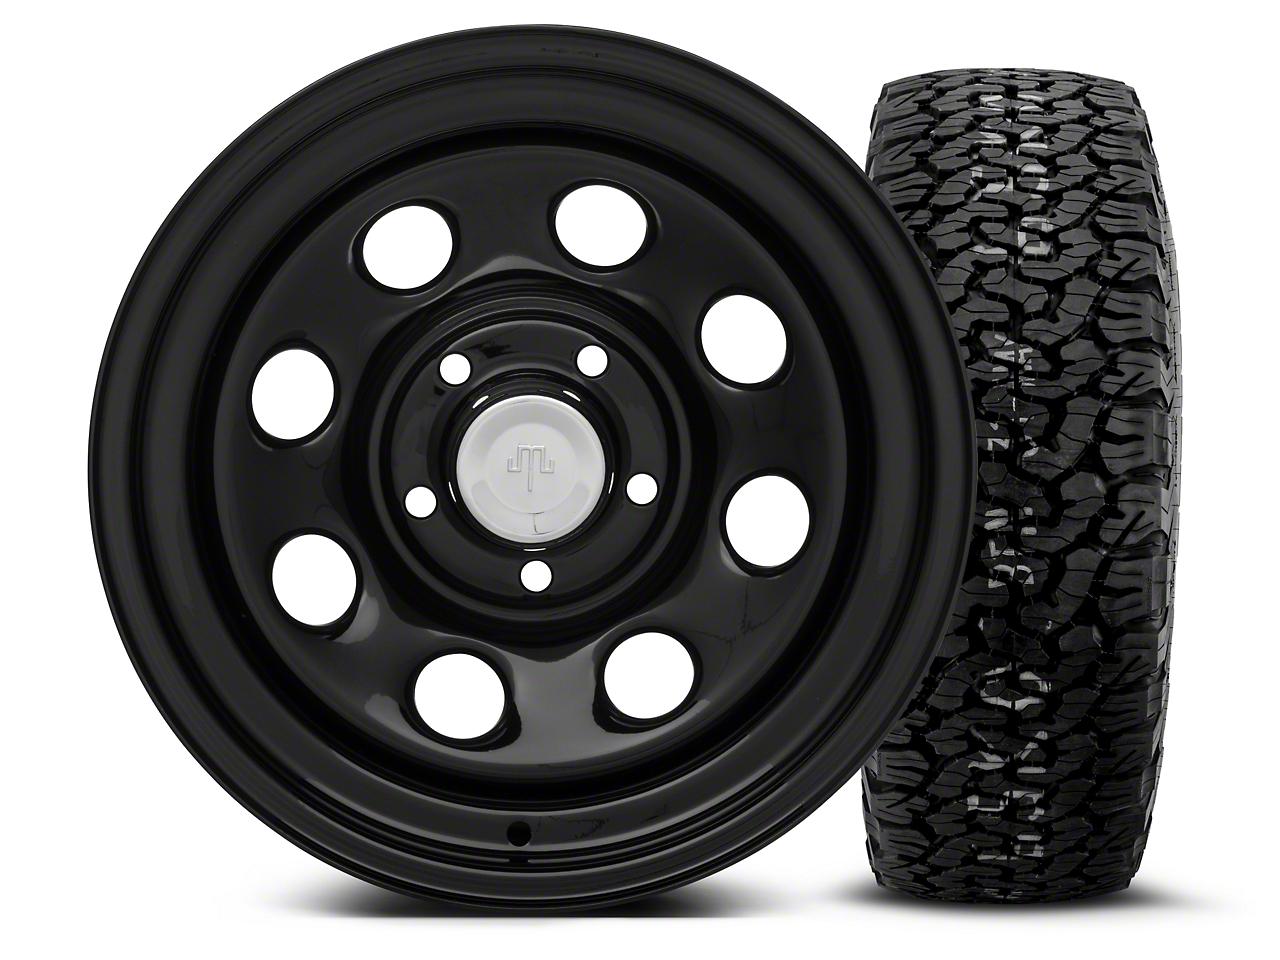 Mammoth 8 Black Steel 15x8 Wheel & BF Goodrich All Terrain TA KO2 35x12.5R15 Tire Kit (87-06 Jeep Wrangler YJ & TJ)